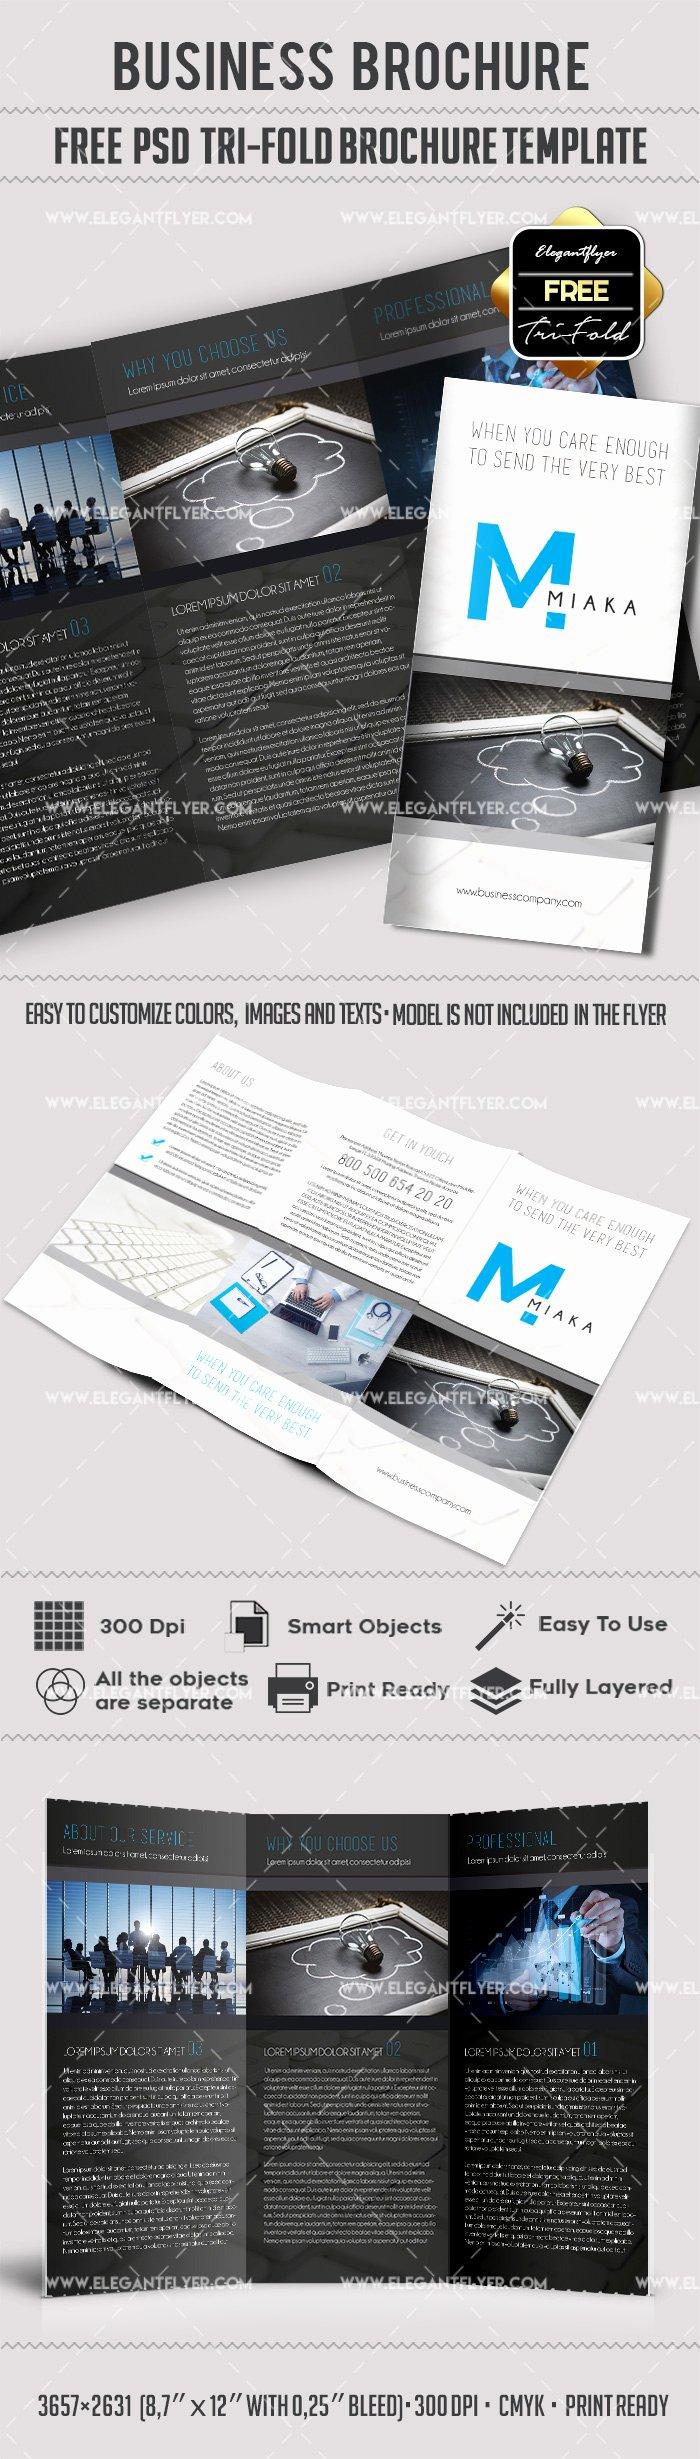 Tri Fold Brochure Free Template Unique Tri Fold Brochure Templates Free – by Elegantflyer